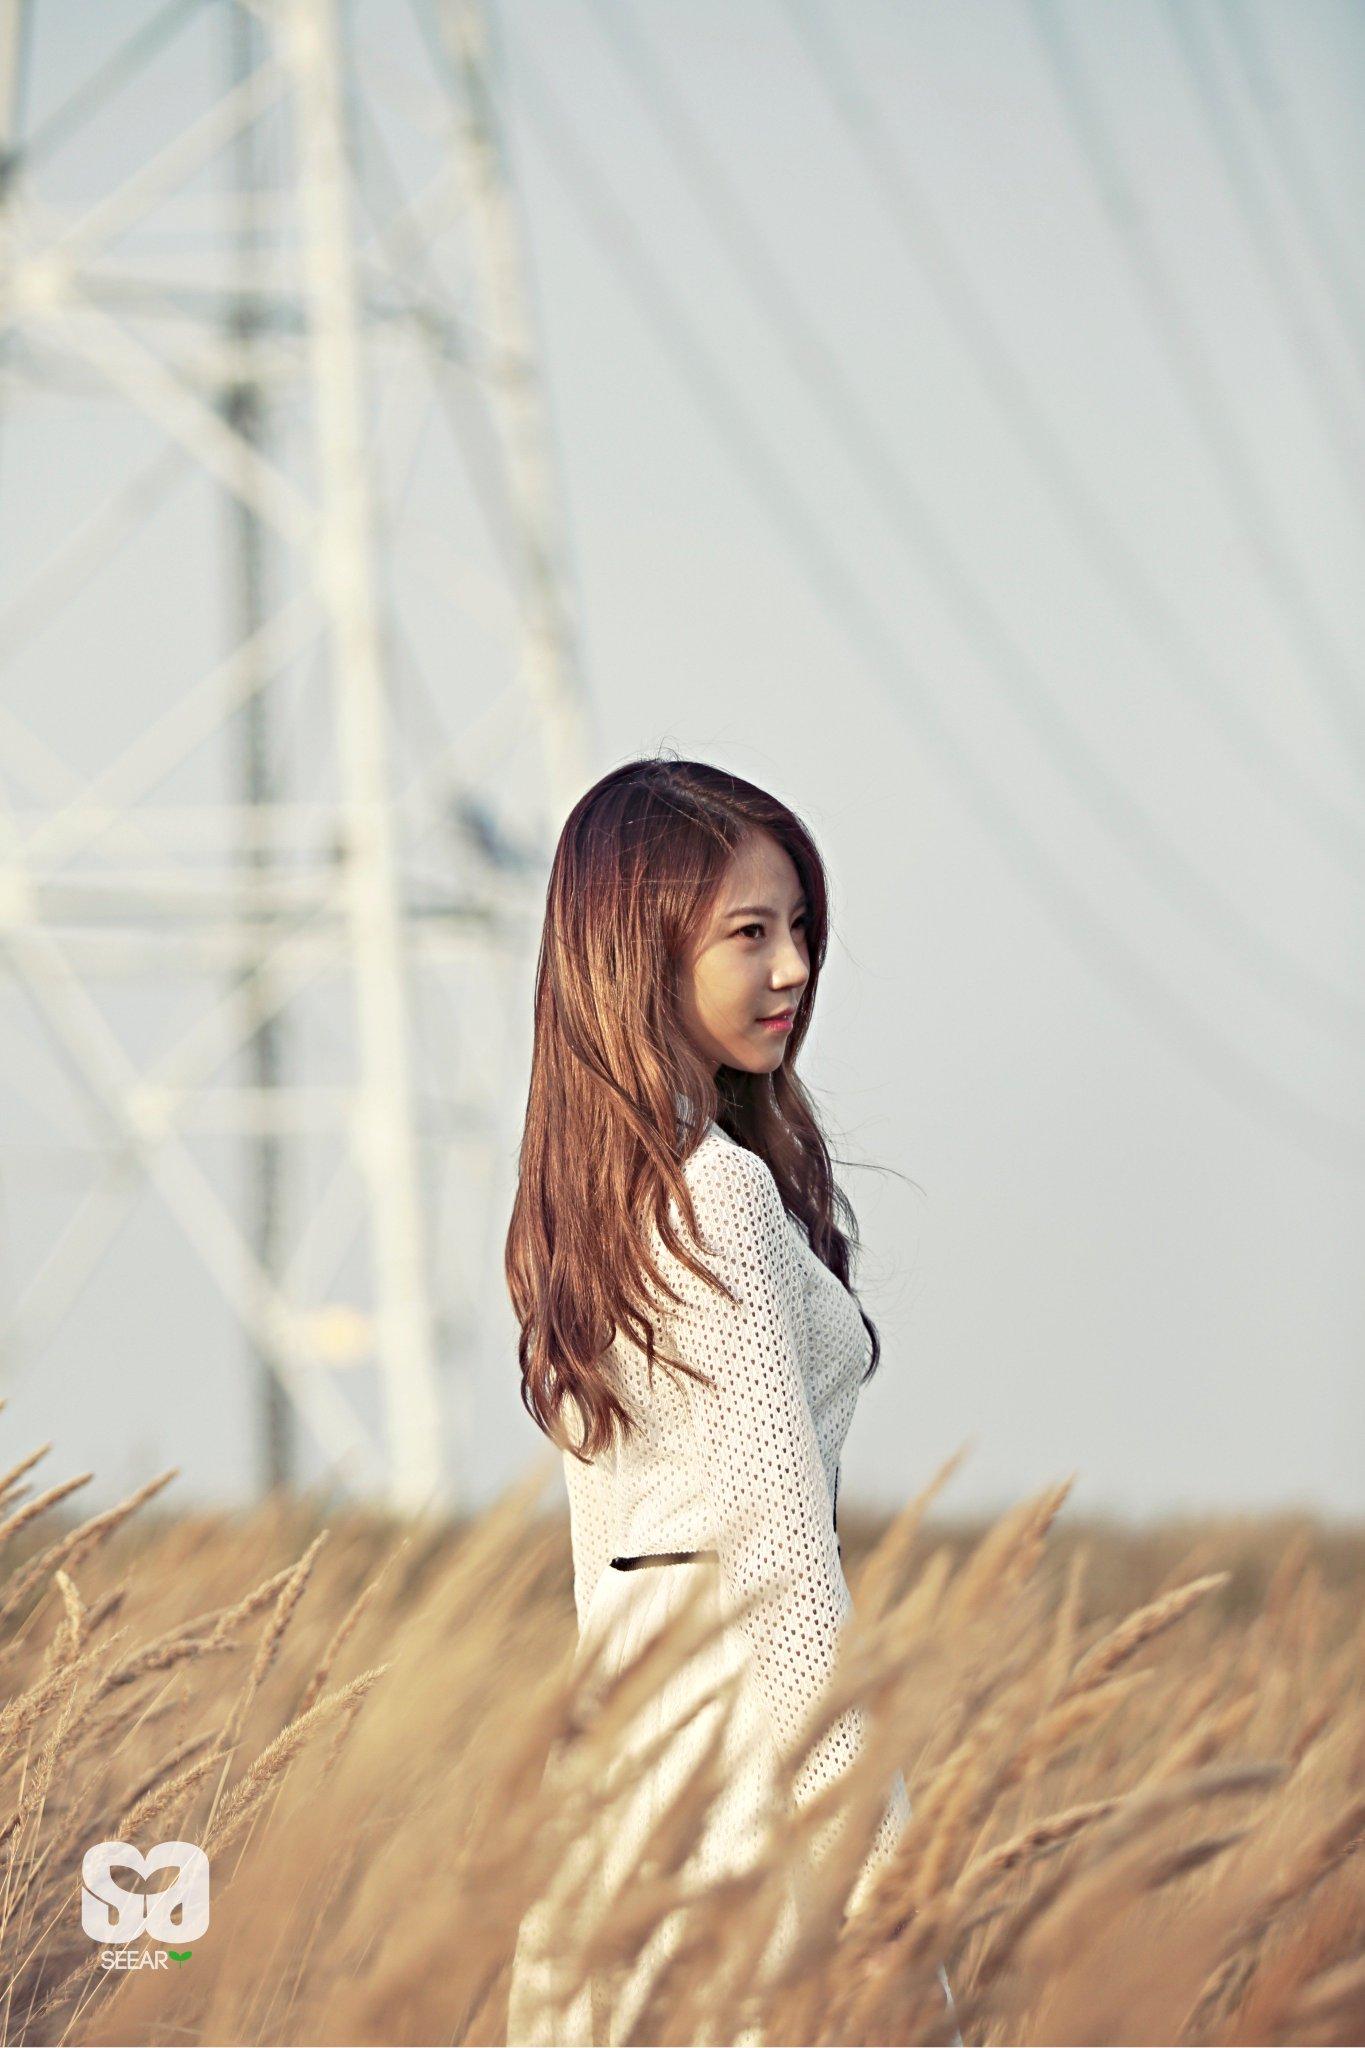 1월 중, 씨앗(SEE ART) (야마앤핫칙스 8인조 신인 걸그룹) 데뷔 앨범 발매 예정 | 인스티즈